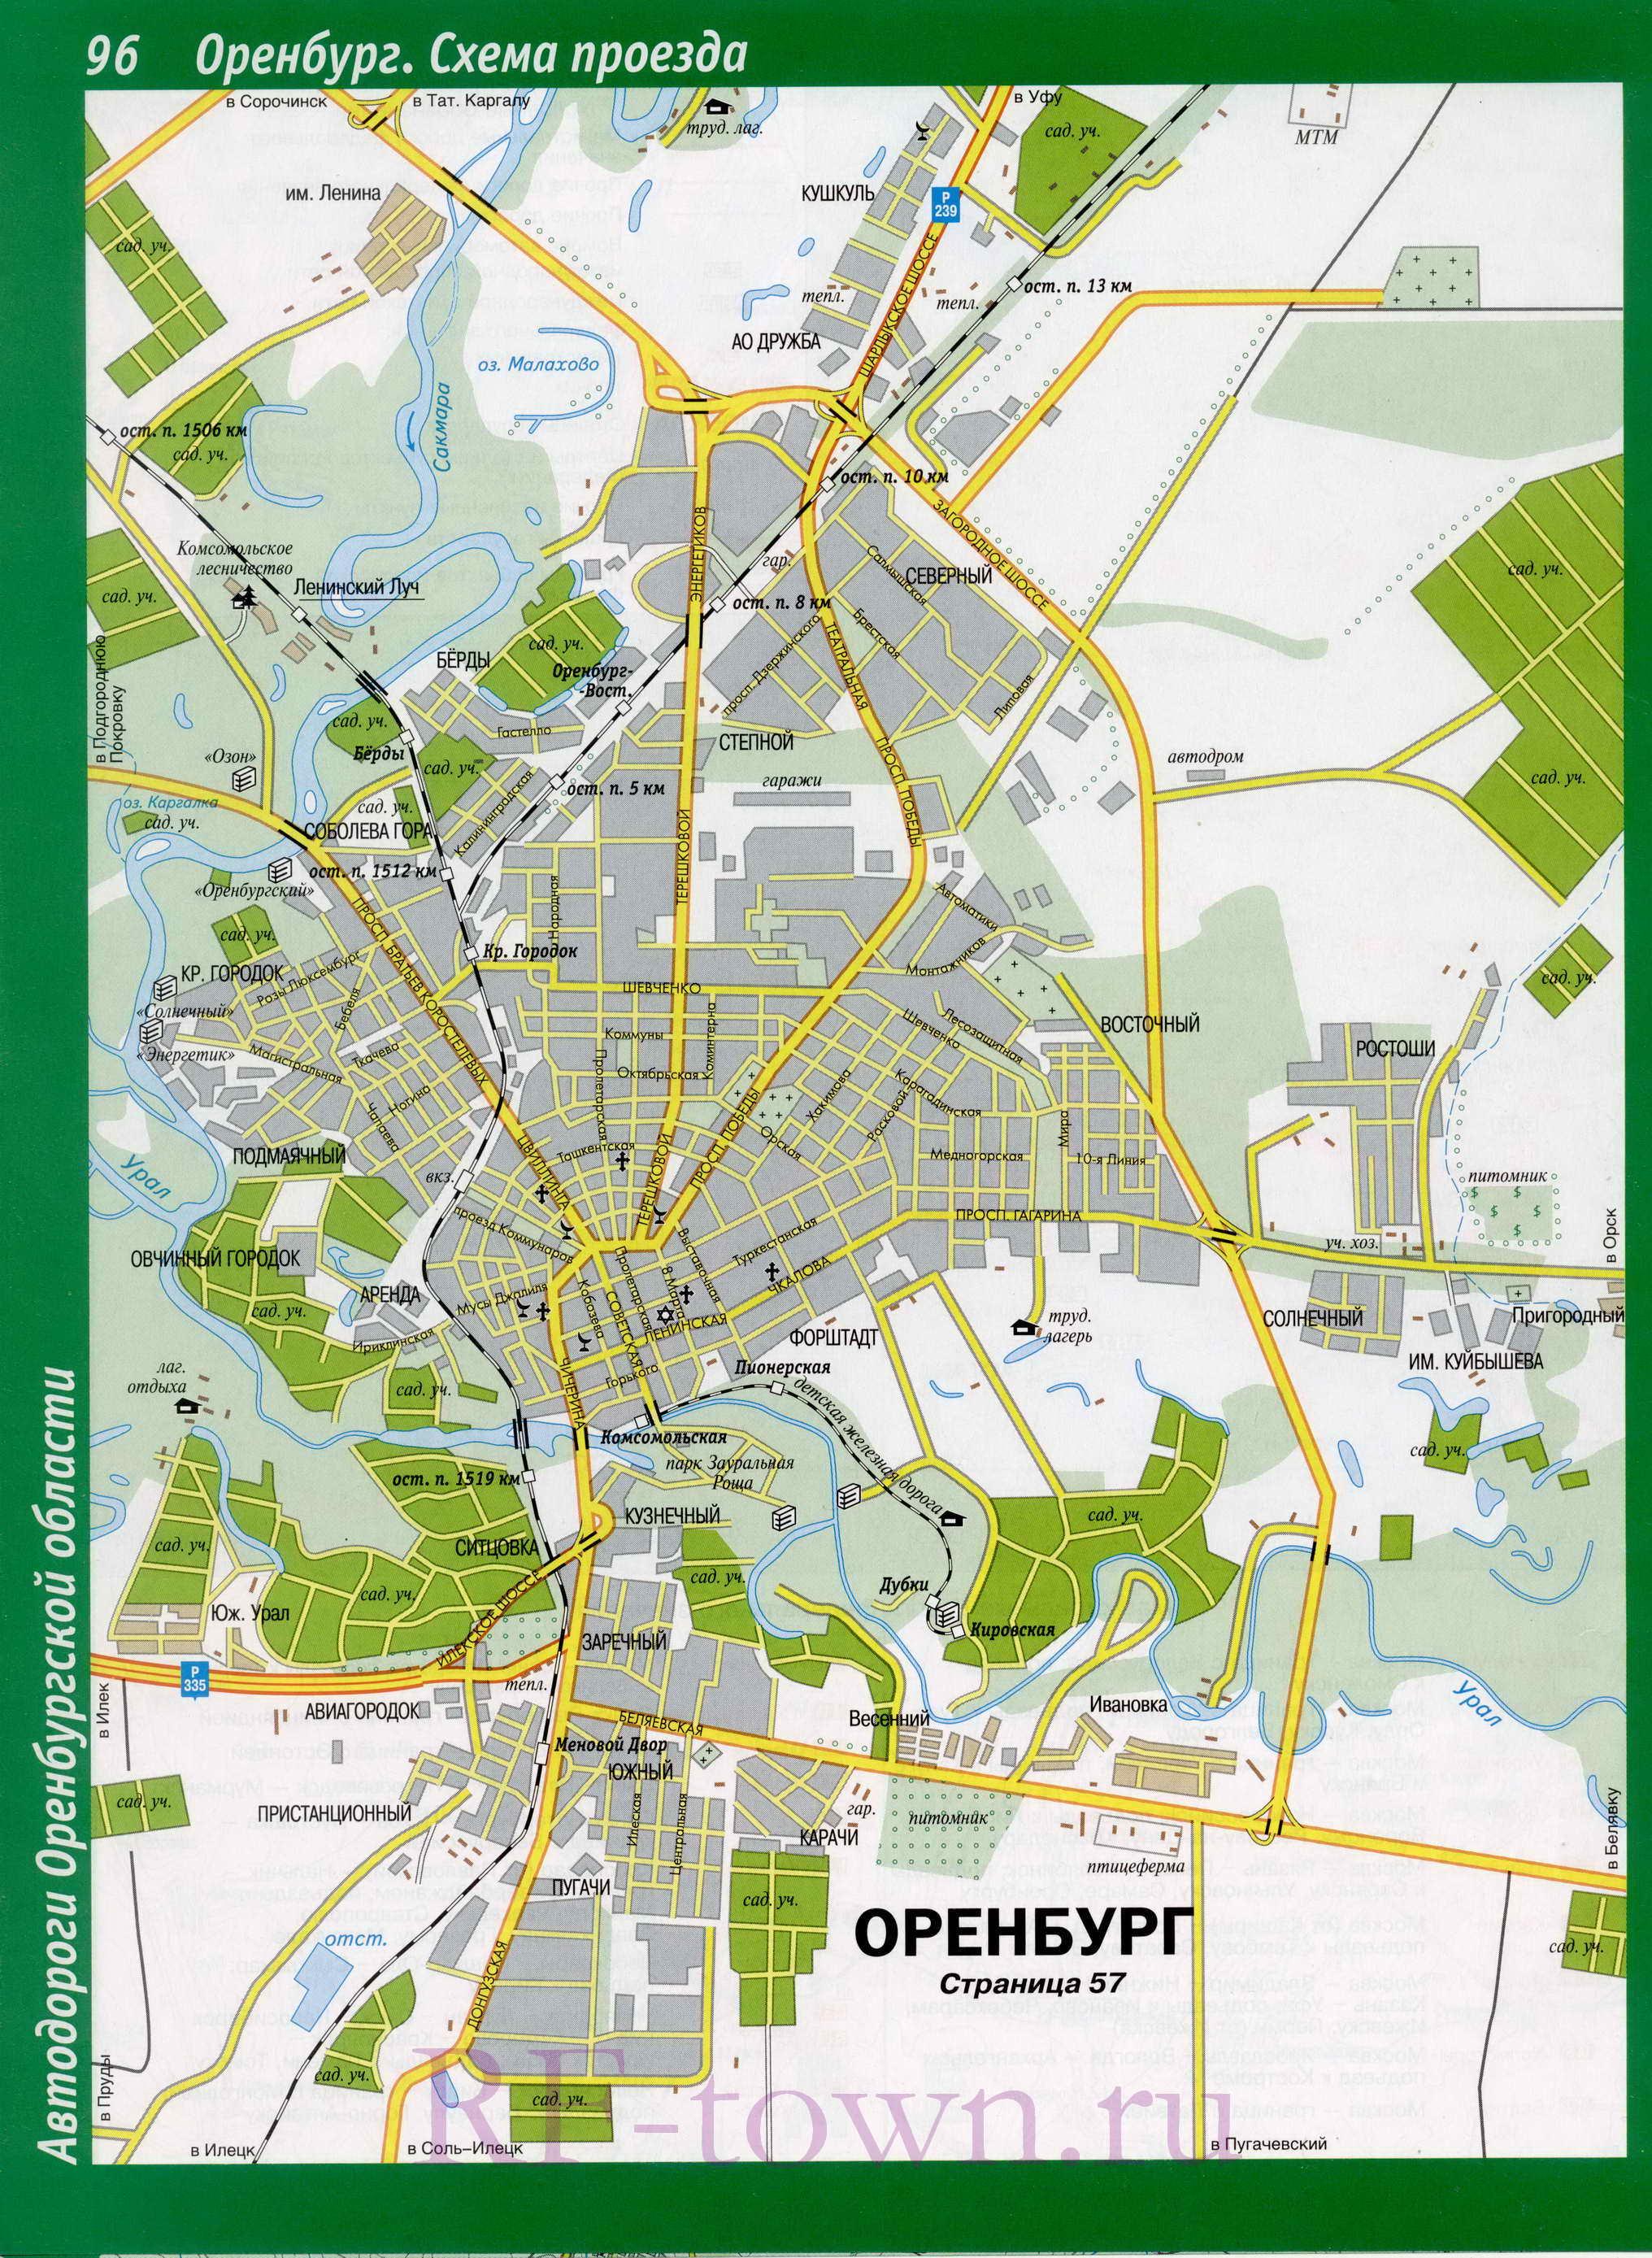 Подробная карта улиц города Оренбург со схемой проезда транспорта.